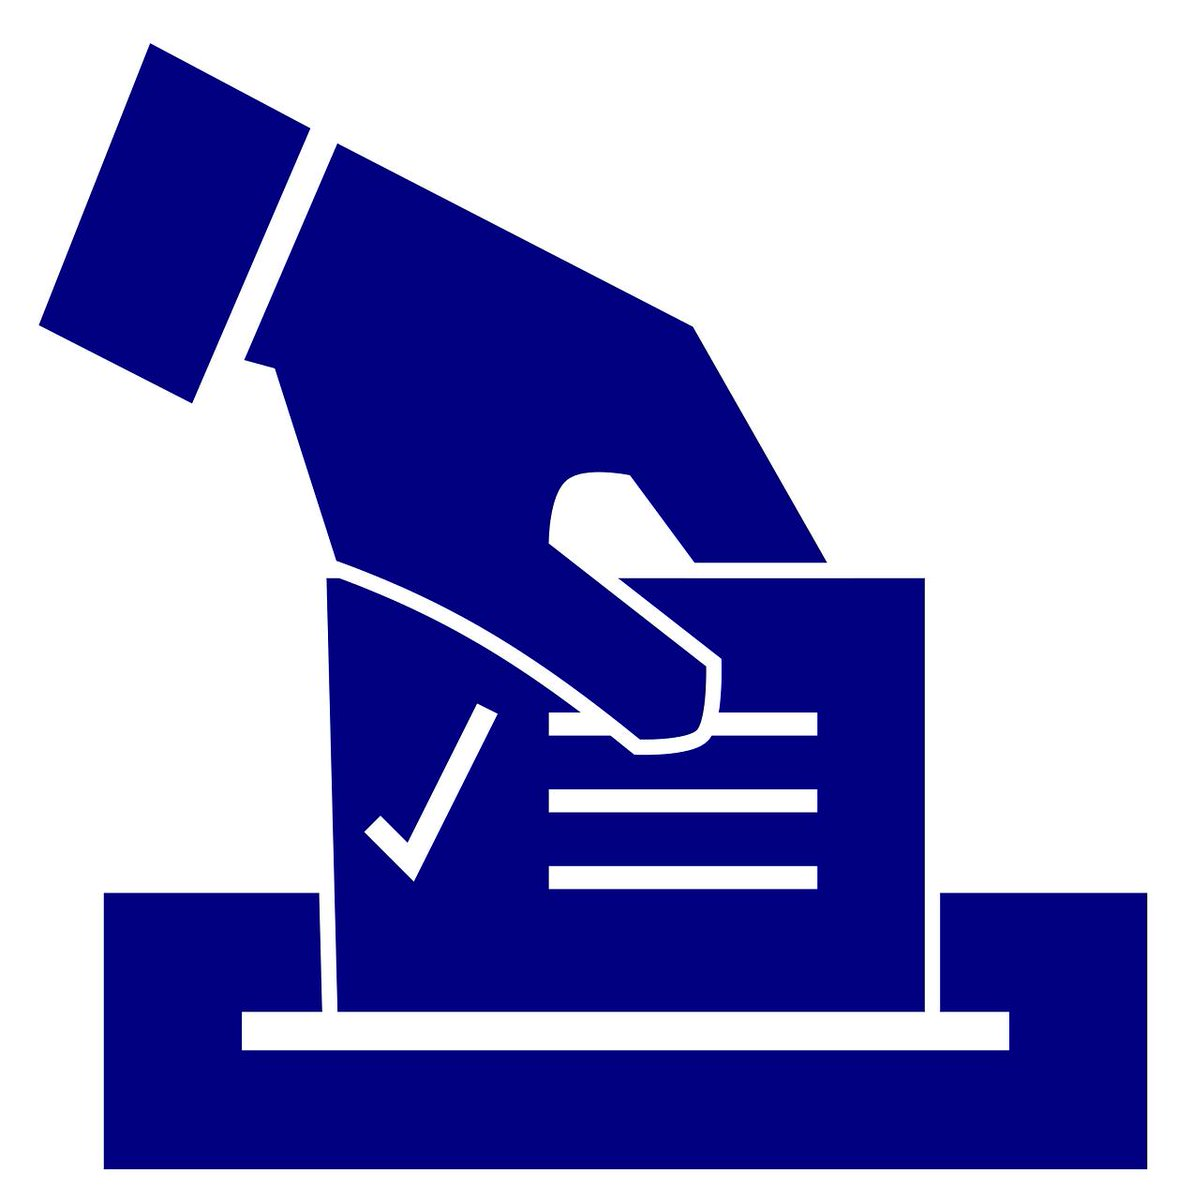 📨📨 Fins al 18 d'abril pots sol·licitar el teu vot per #correu per a les pròximes eleccions generals del 28 d'abril. Més info: https://bit.ly/1j8jRKP